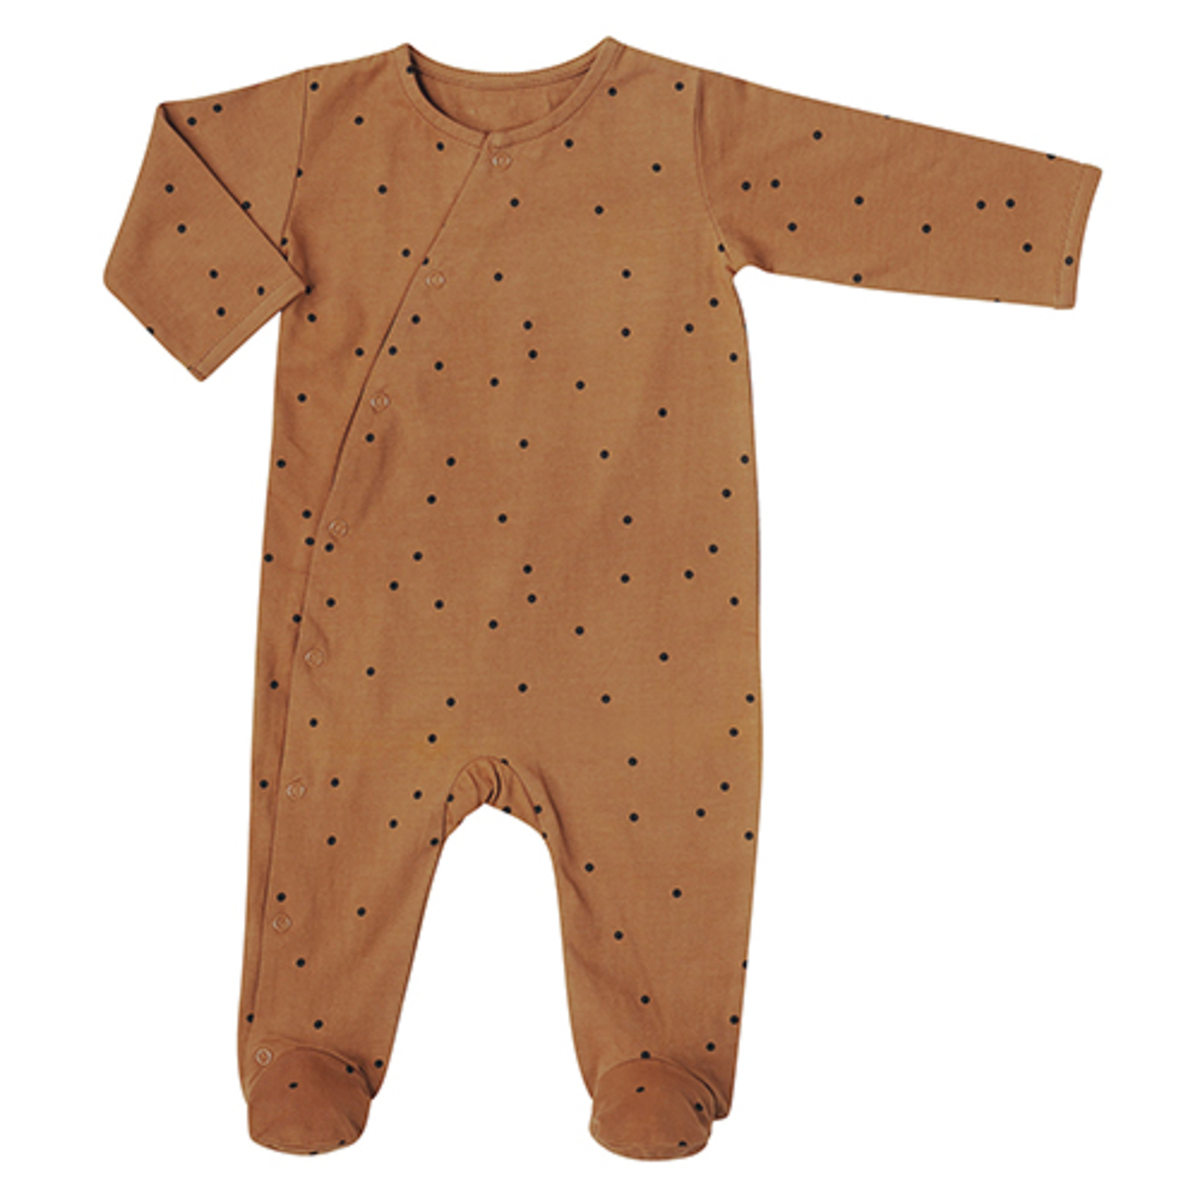 Body & Pyjama Combinaison Jour et Nuit Pois Nut - 3 Mois Combinaison Jour et Nuit Pois Nut - 3 Mois